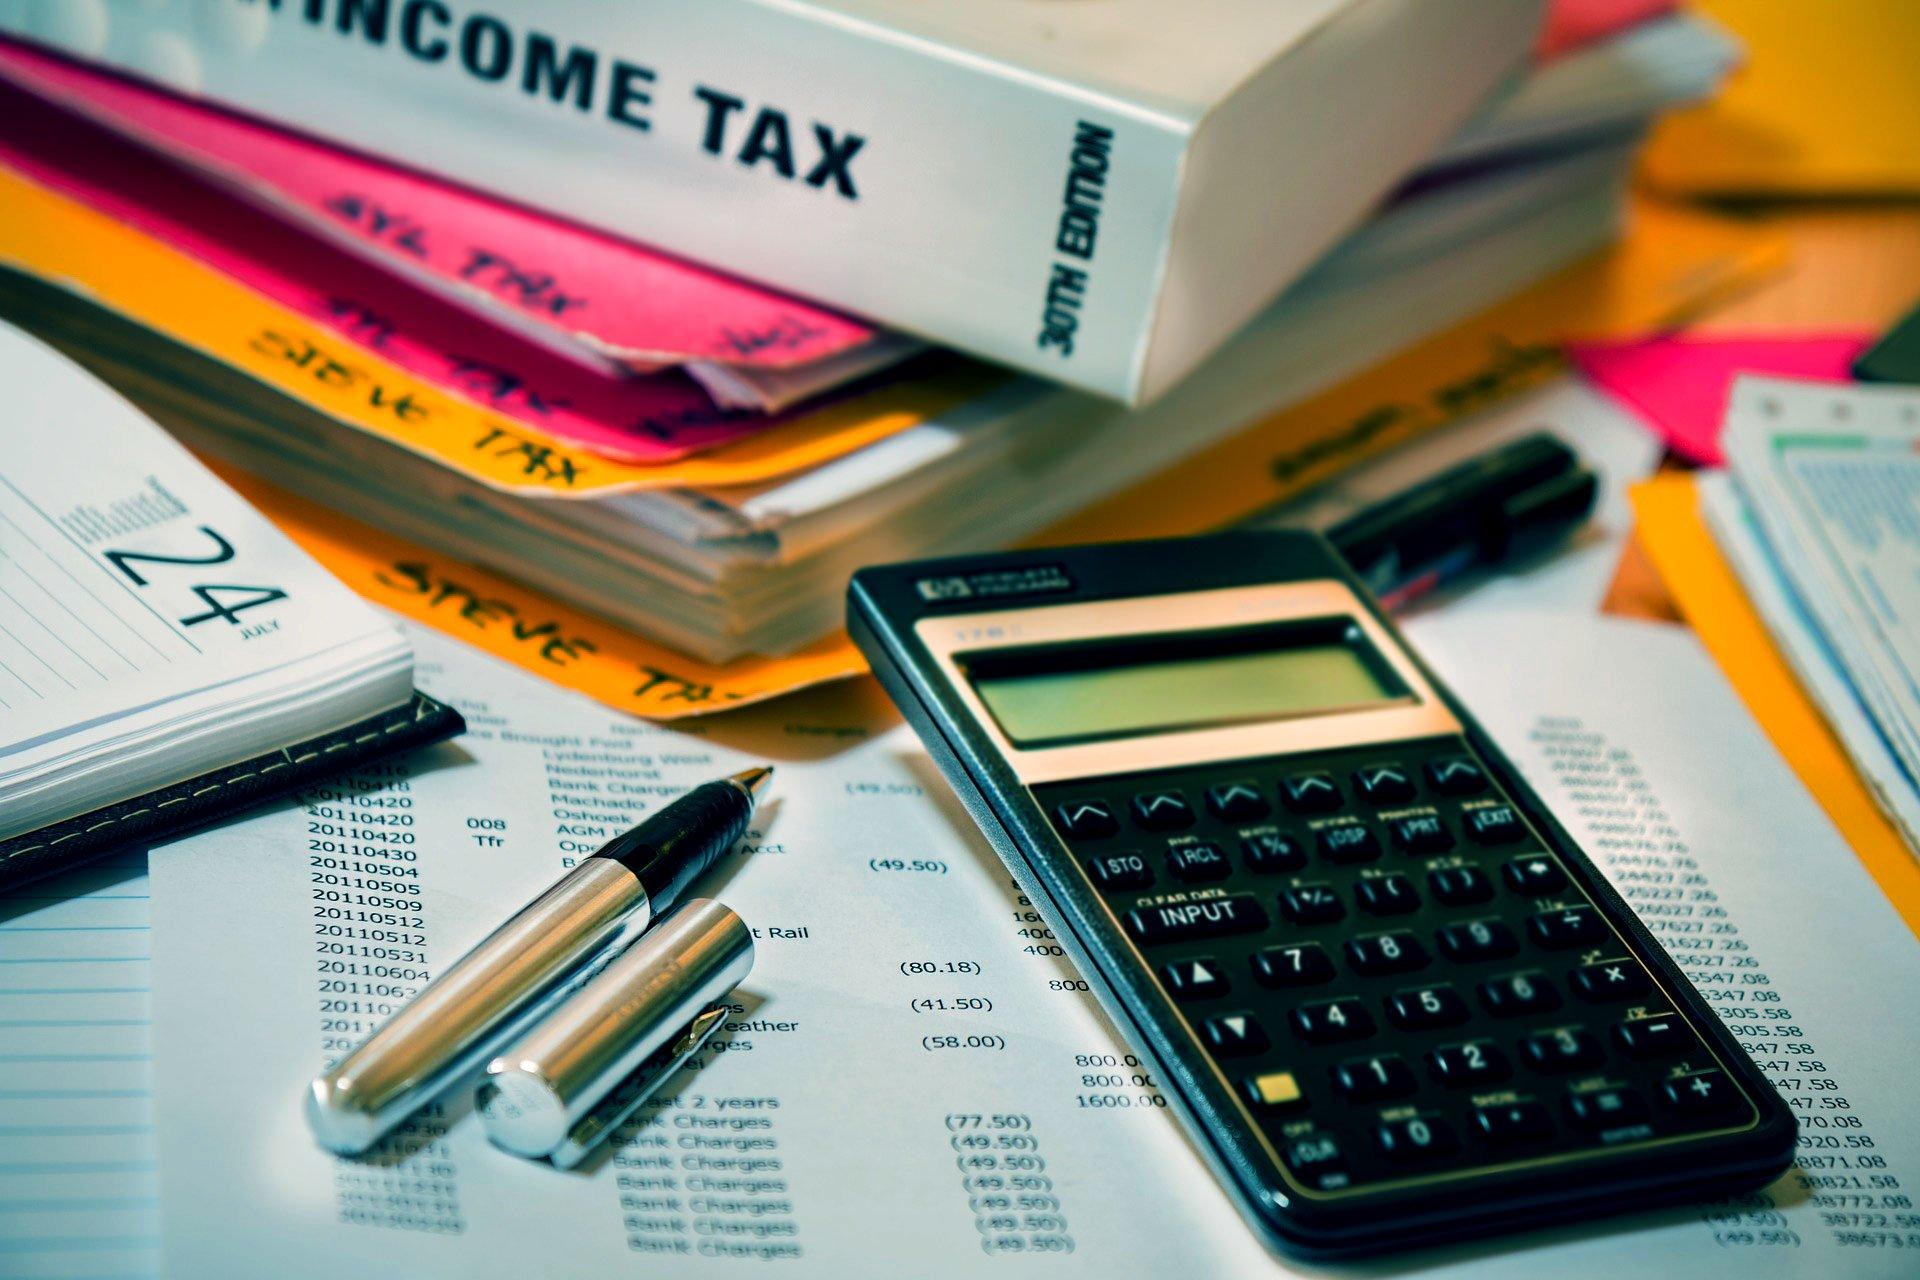 income tax 4097292 1920 - Αδήλωτα αναδρομικά συνταξιούχων - νέα νομοθετική ρύθμιση